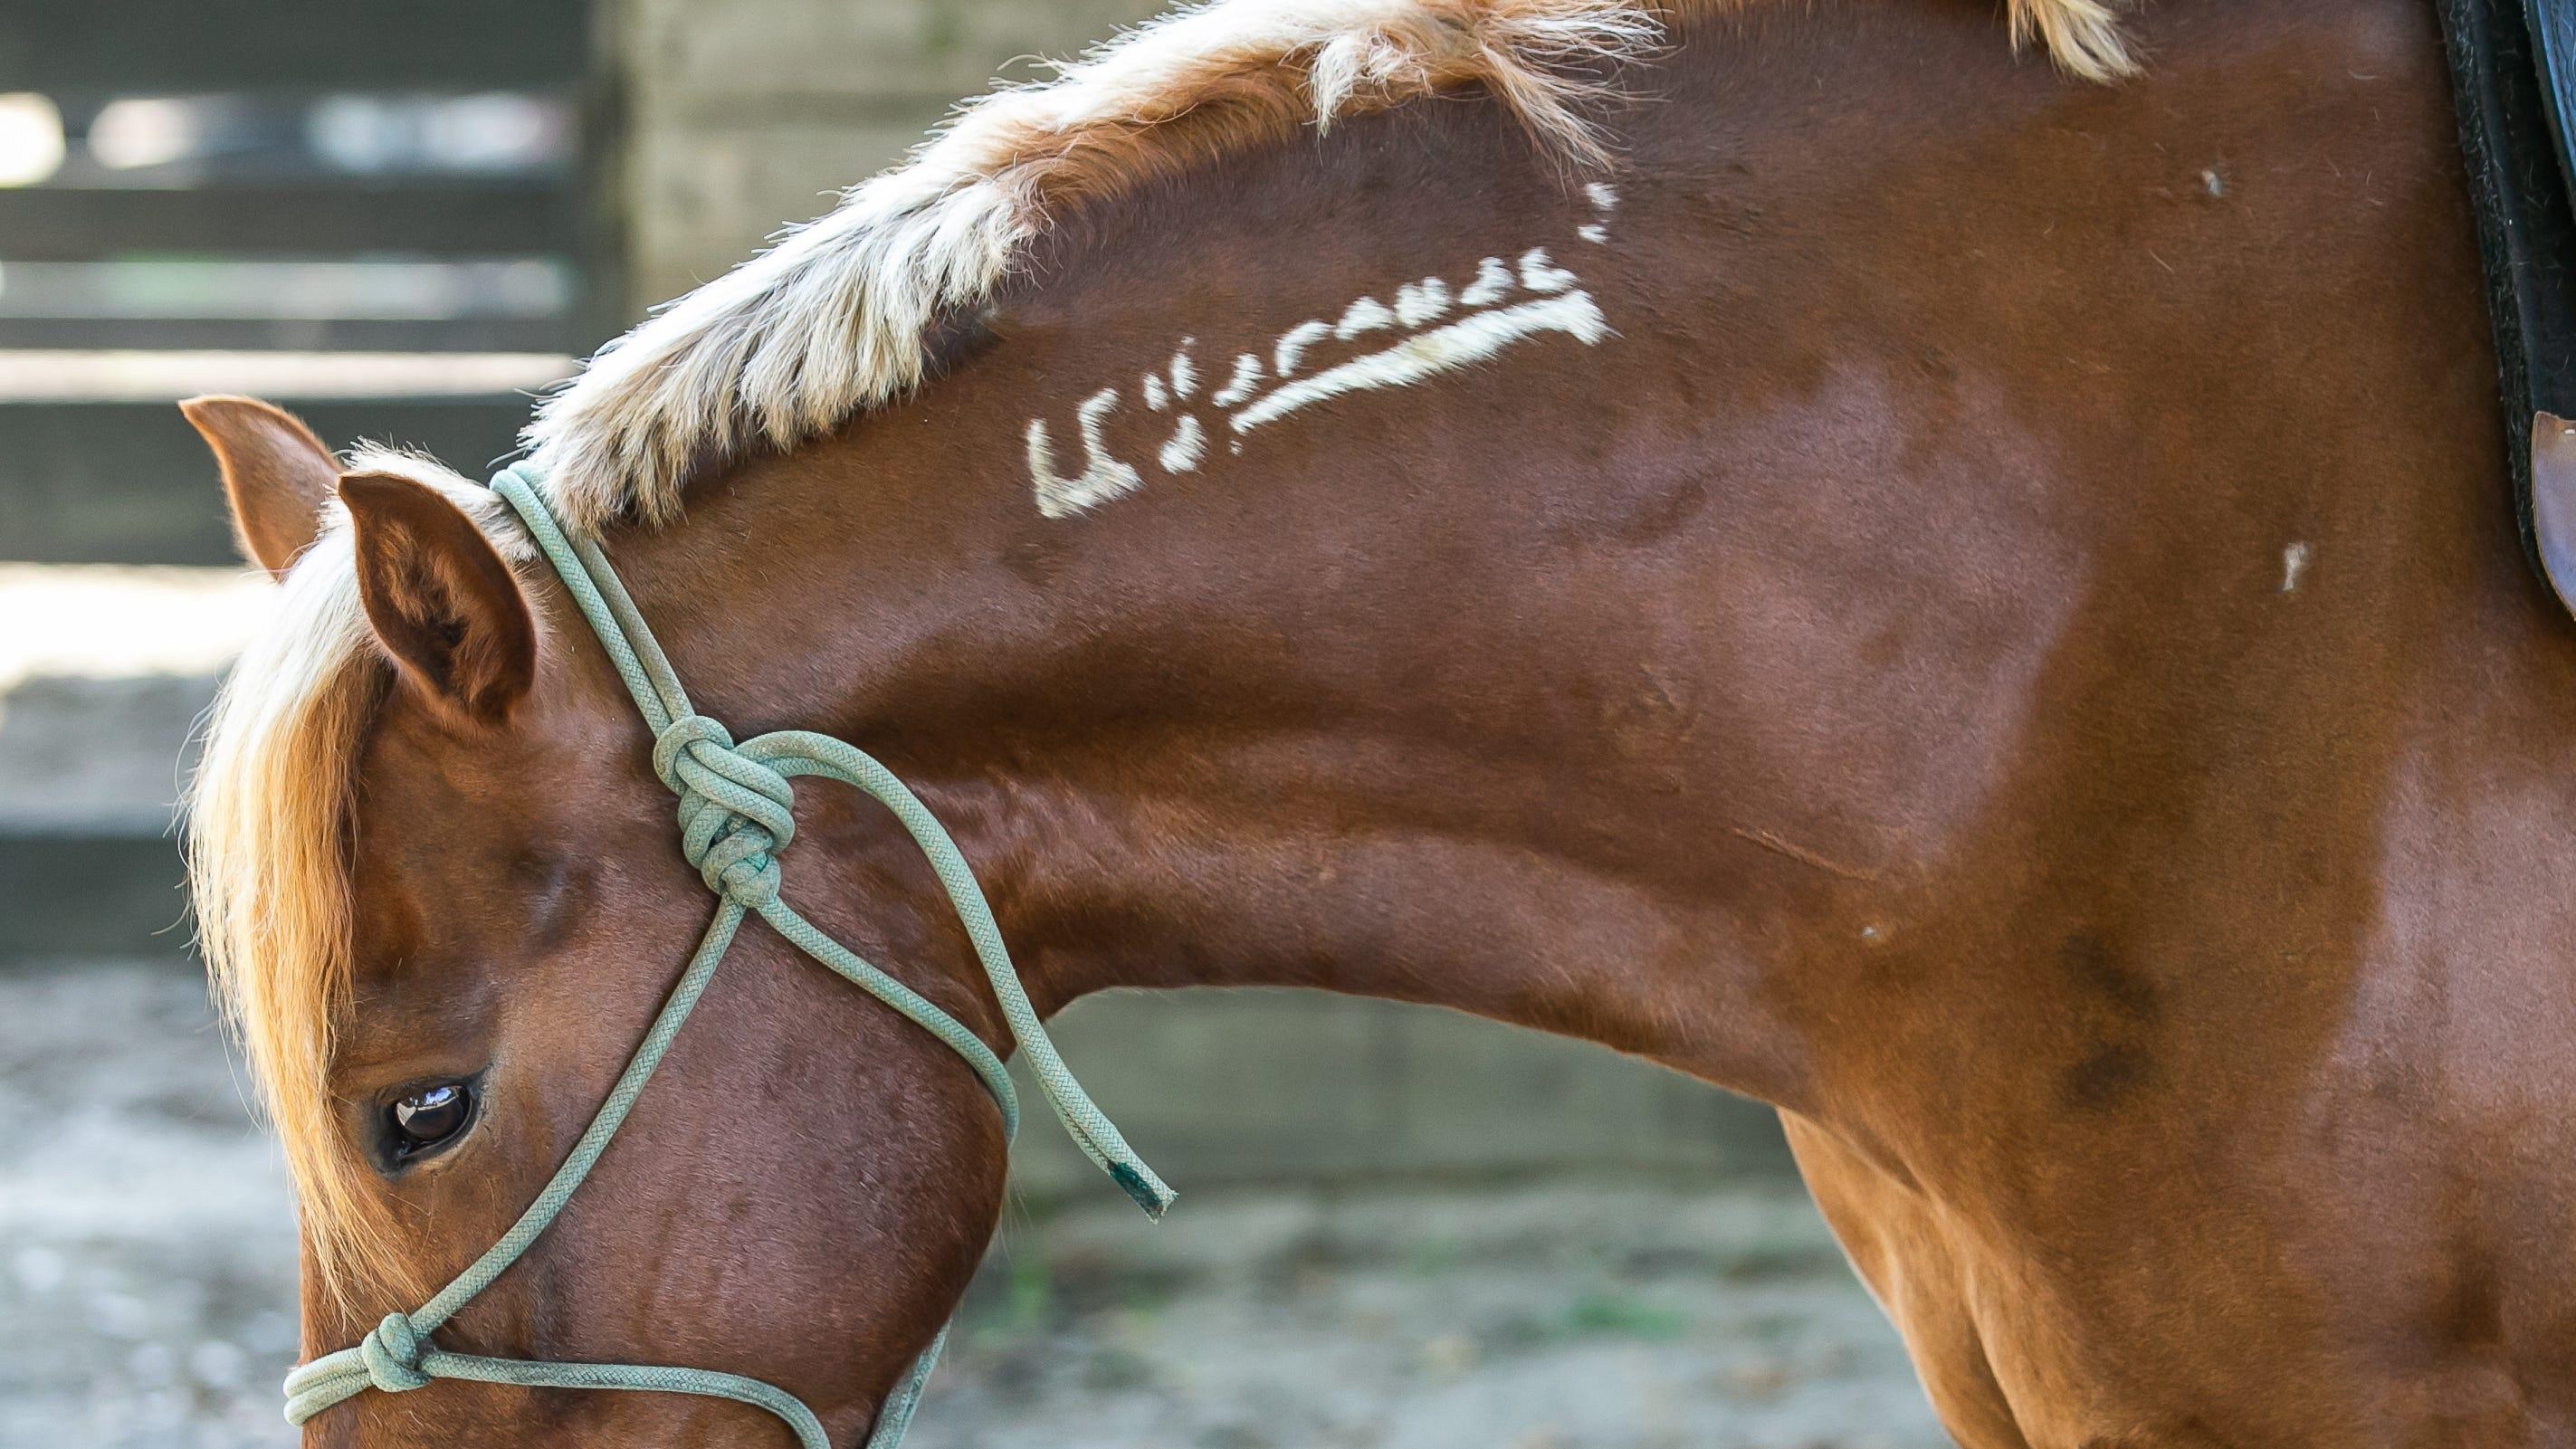 Buck, un Mustang de cinq ans, est attaché à un poteau alors qu'il est couvert le mercredi matin 28 avril 2021, tout en arborant sa marque congelée sur le côté gauche de son cou.  Tous les Mustangs du Bureau of Land Management reçoivent ces tatouages.